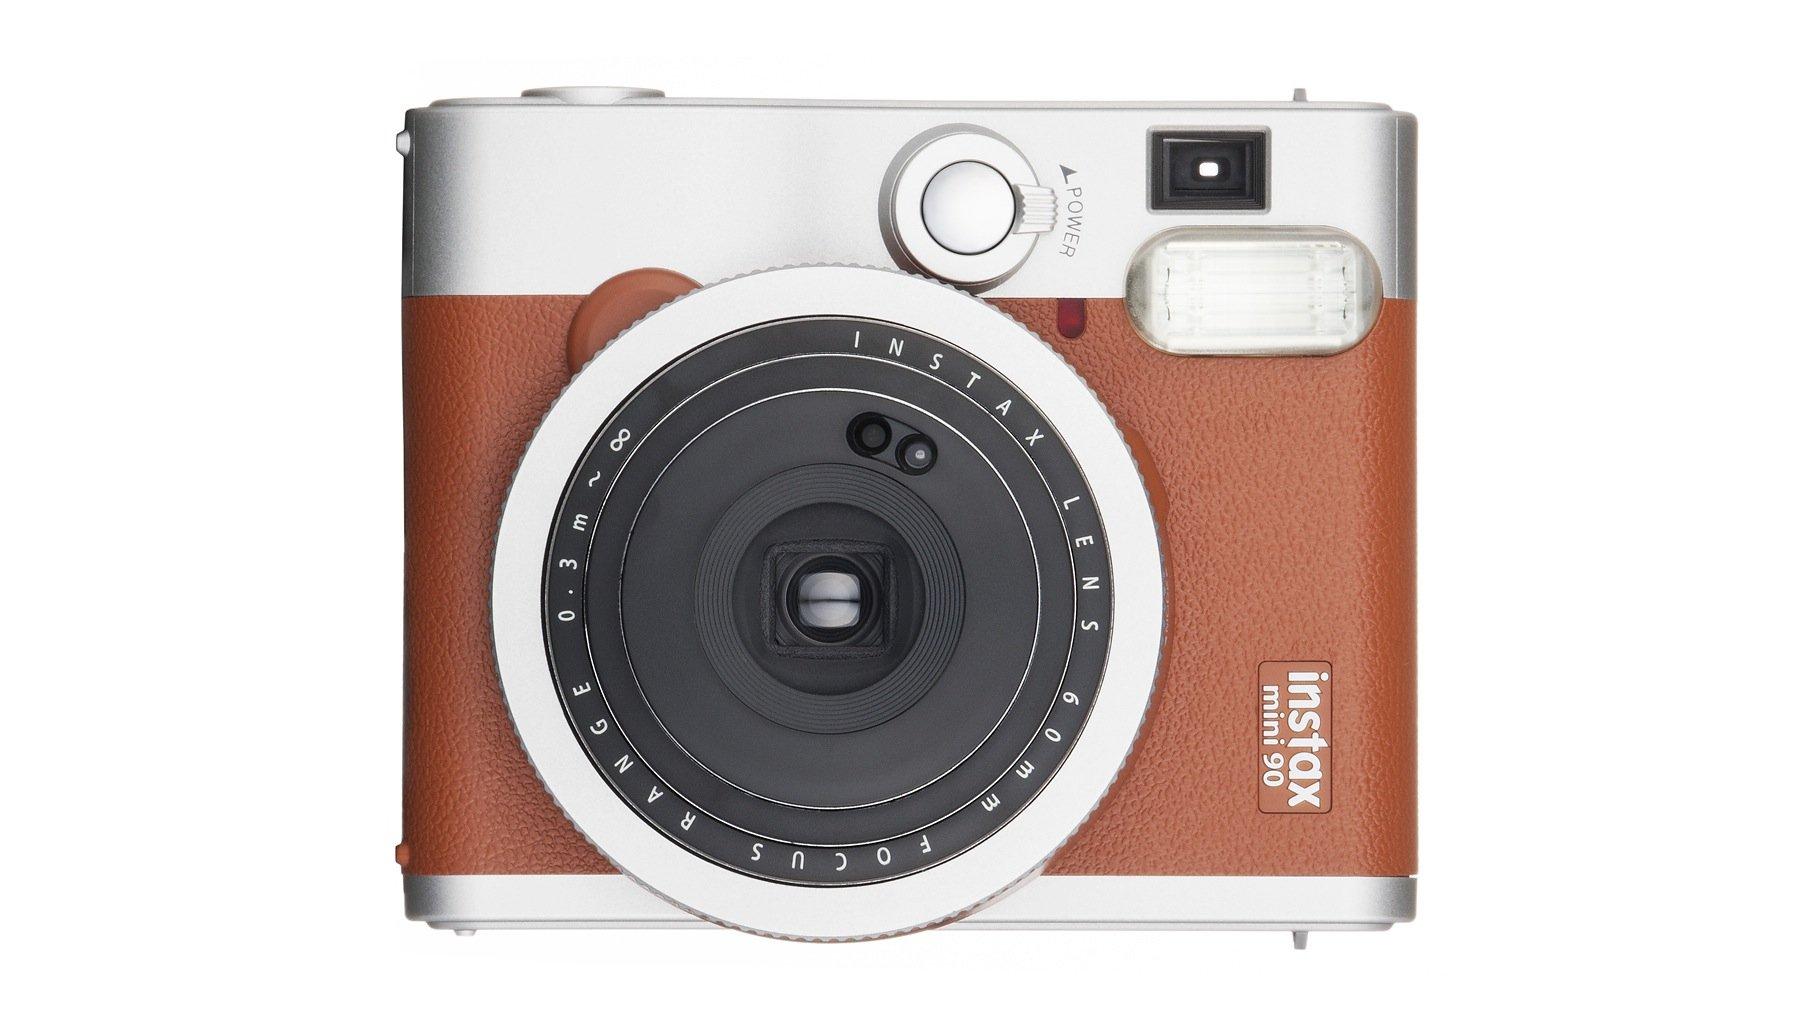 Fujifilm bietet schon seit drei Jahren wieder Sofortbildkameras an. Im Bild das Retromodell Instax mini 90